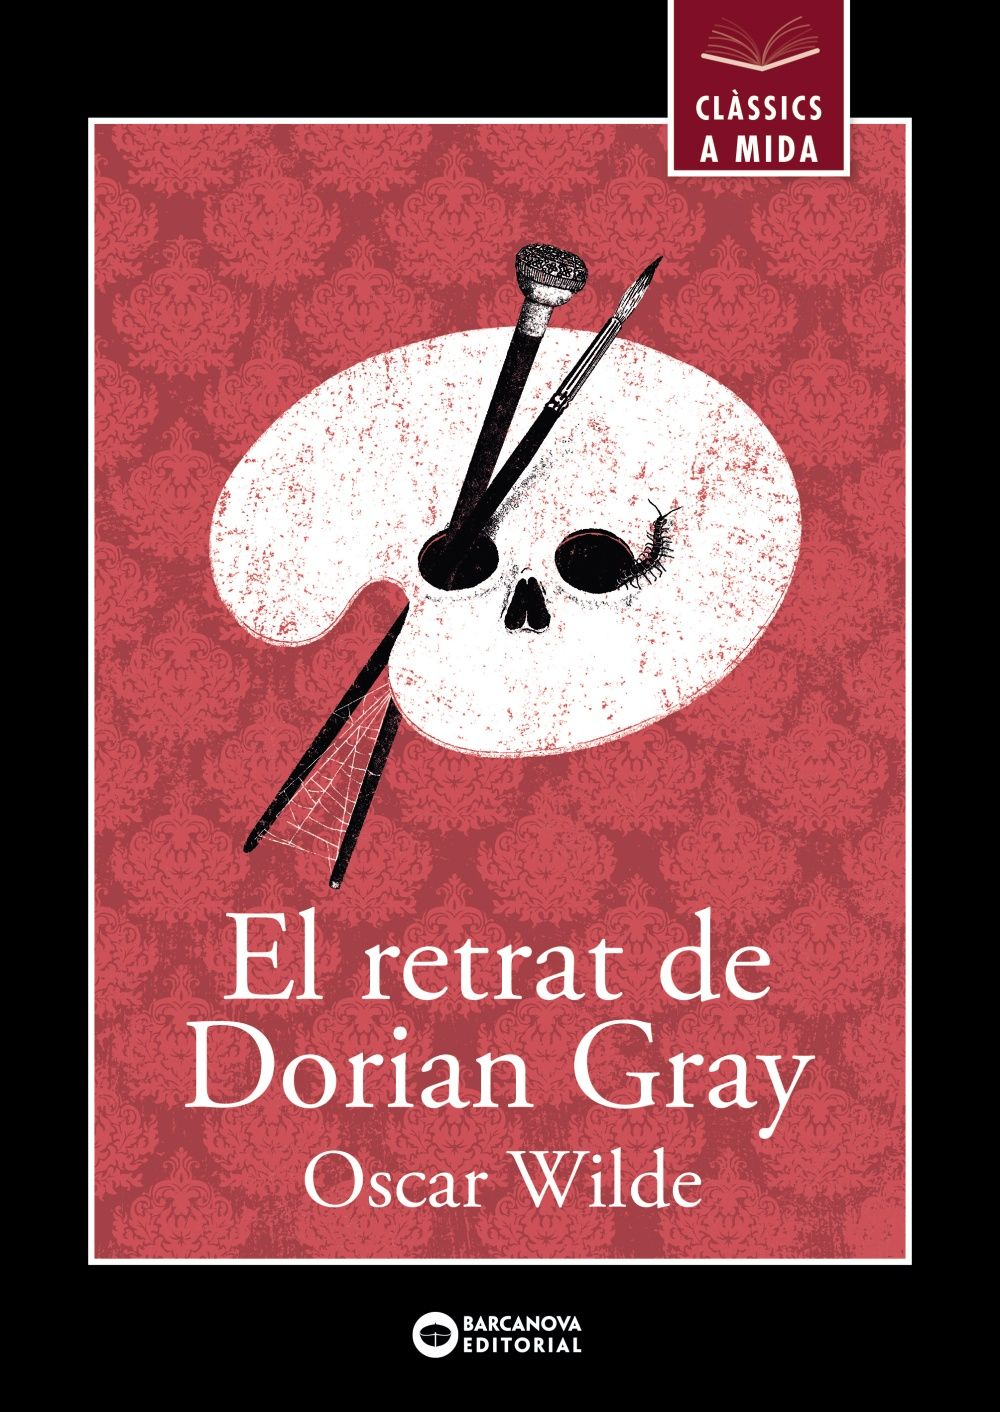 RETRAT DE DORIAN GRAY EL CLASSICS A MIDA